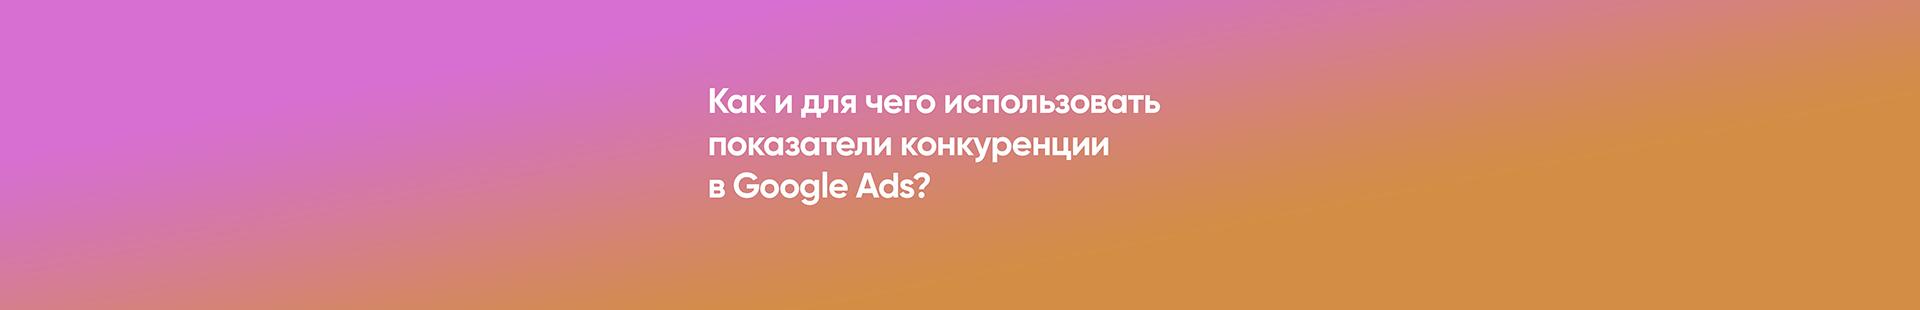 Как и для чего использовать показатели конкуренции в Google Ads?